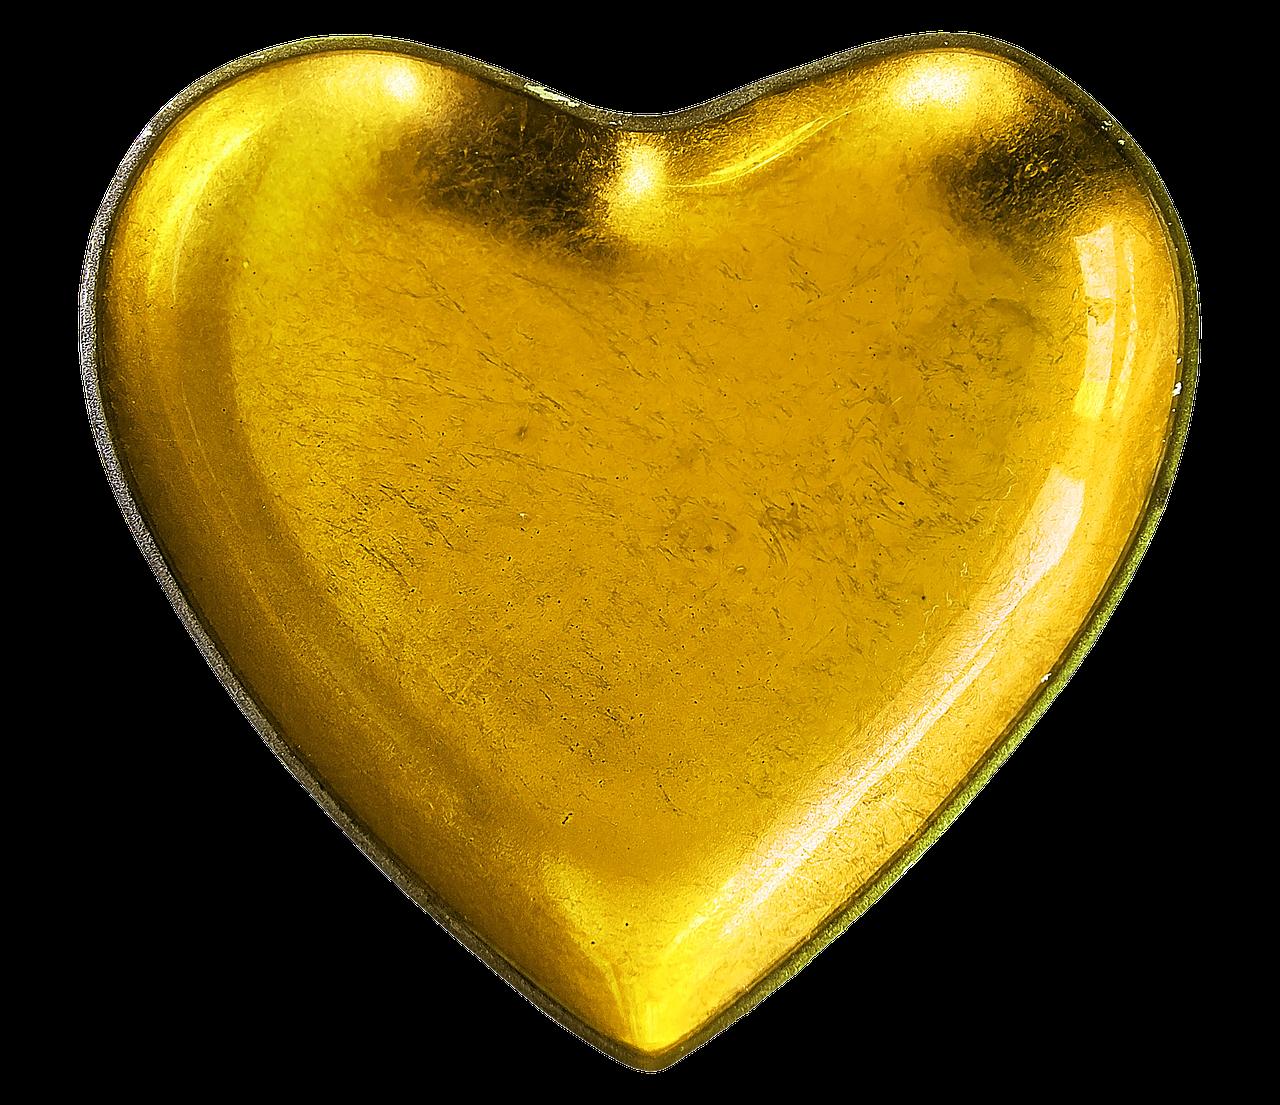 כדור בצורת לב